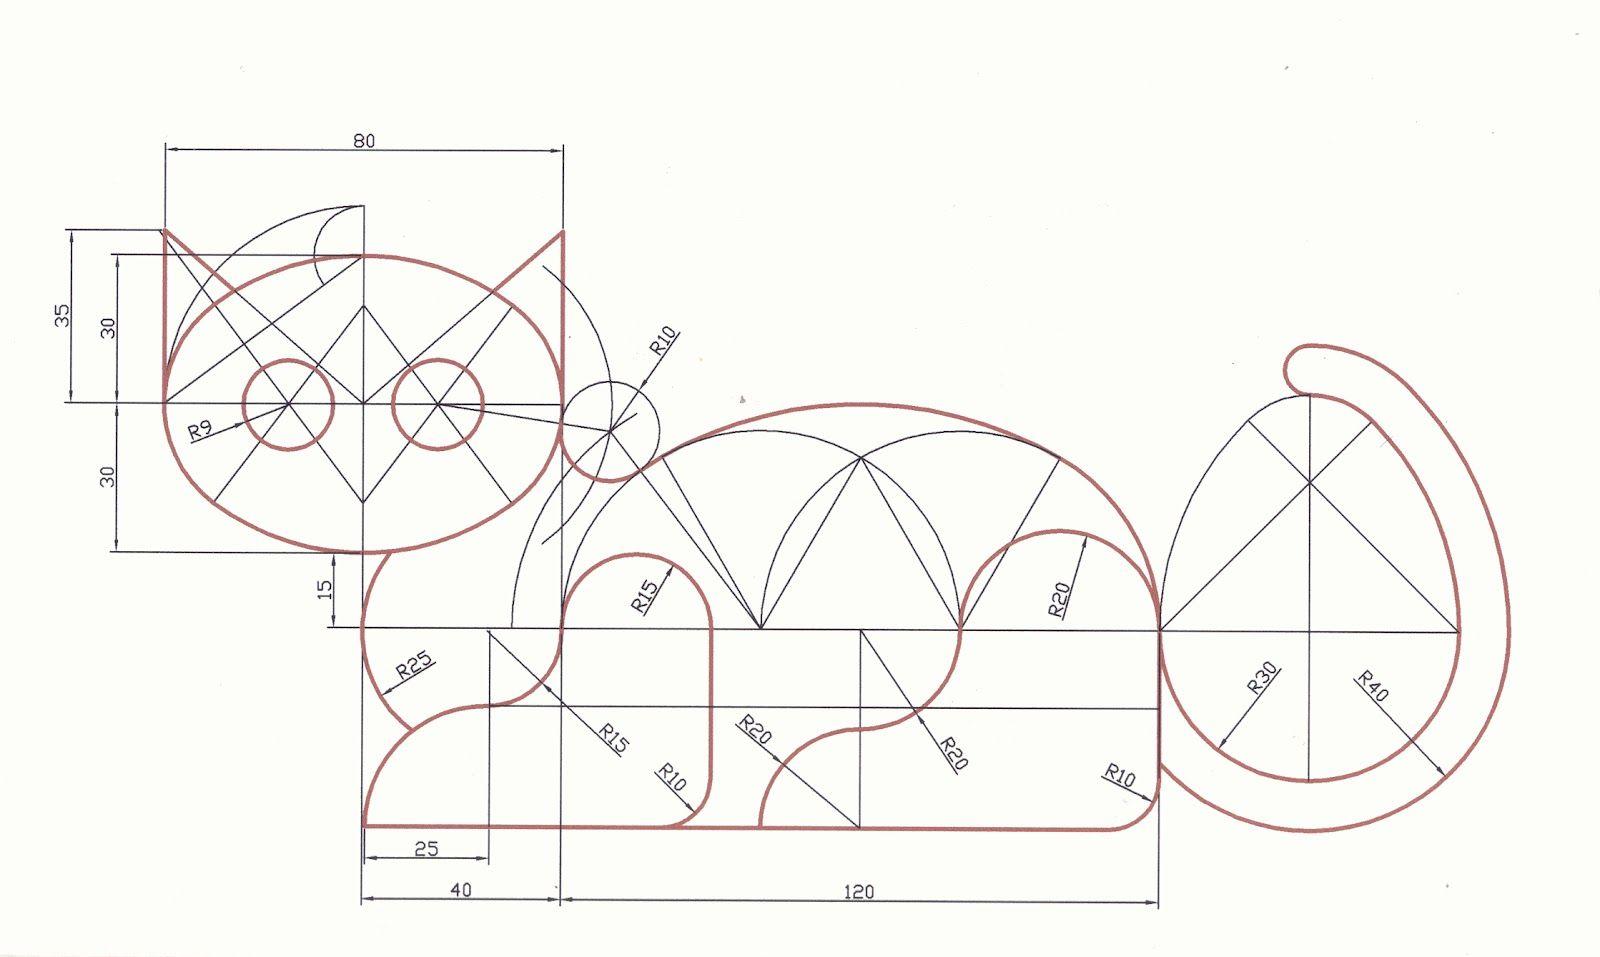 Figuras Geometricas De Animales Con Acotaciones Buscar Con Google Tangencias Ejercicios De Dibujo Tecnicas De Dibujo